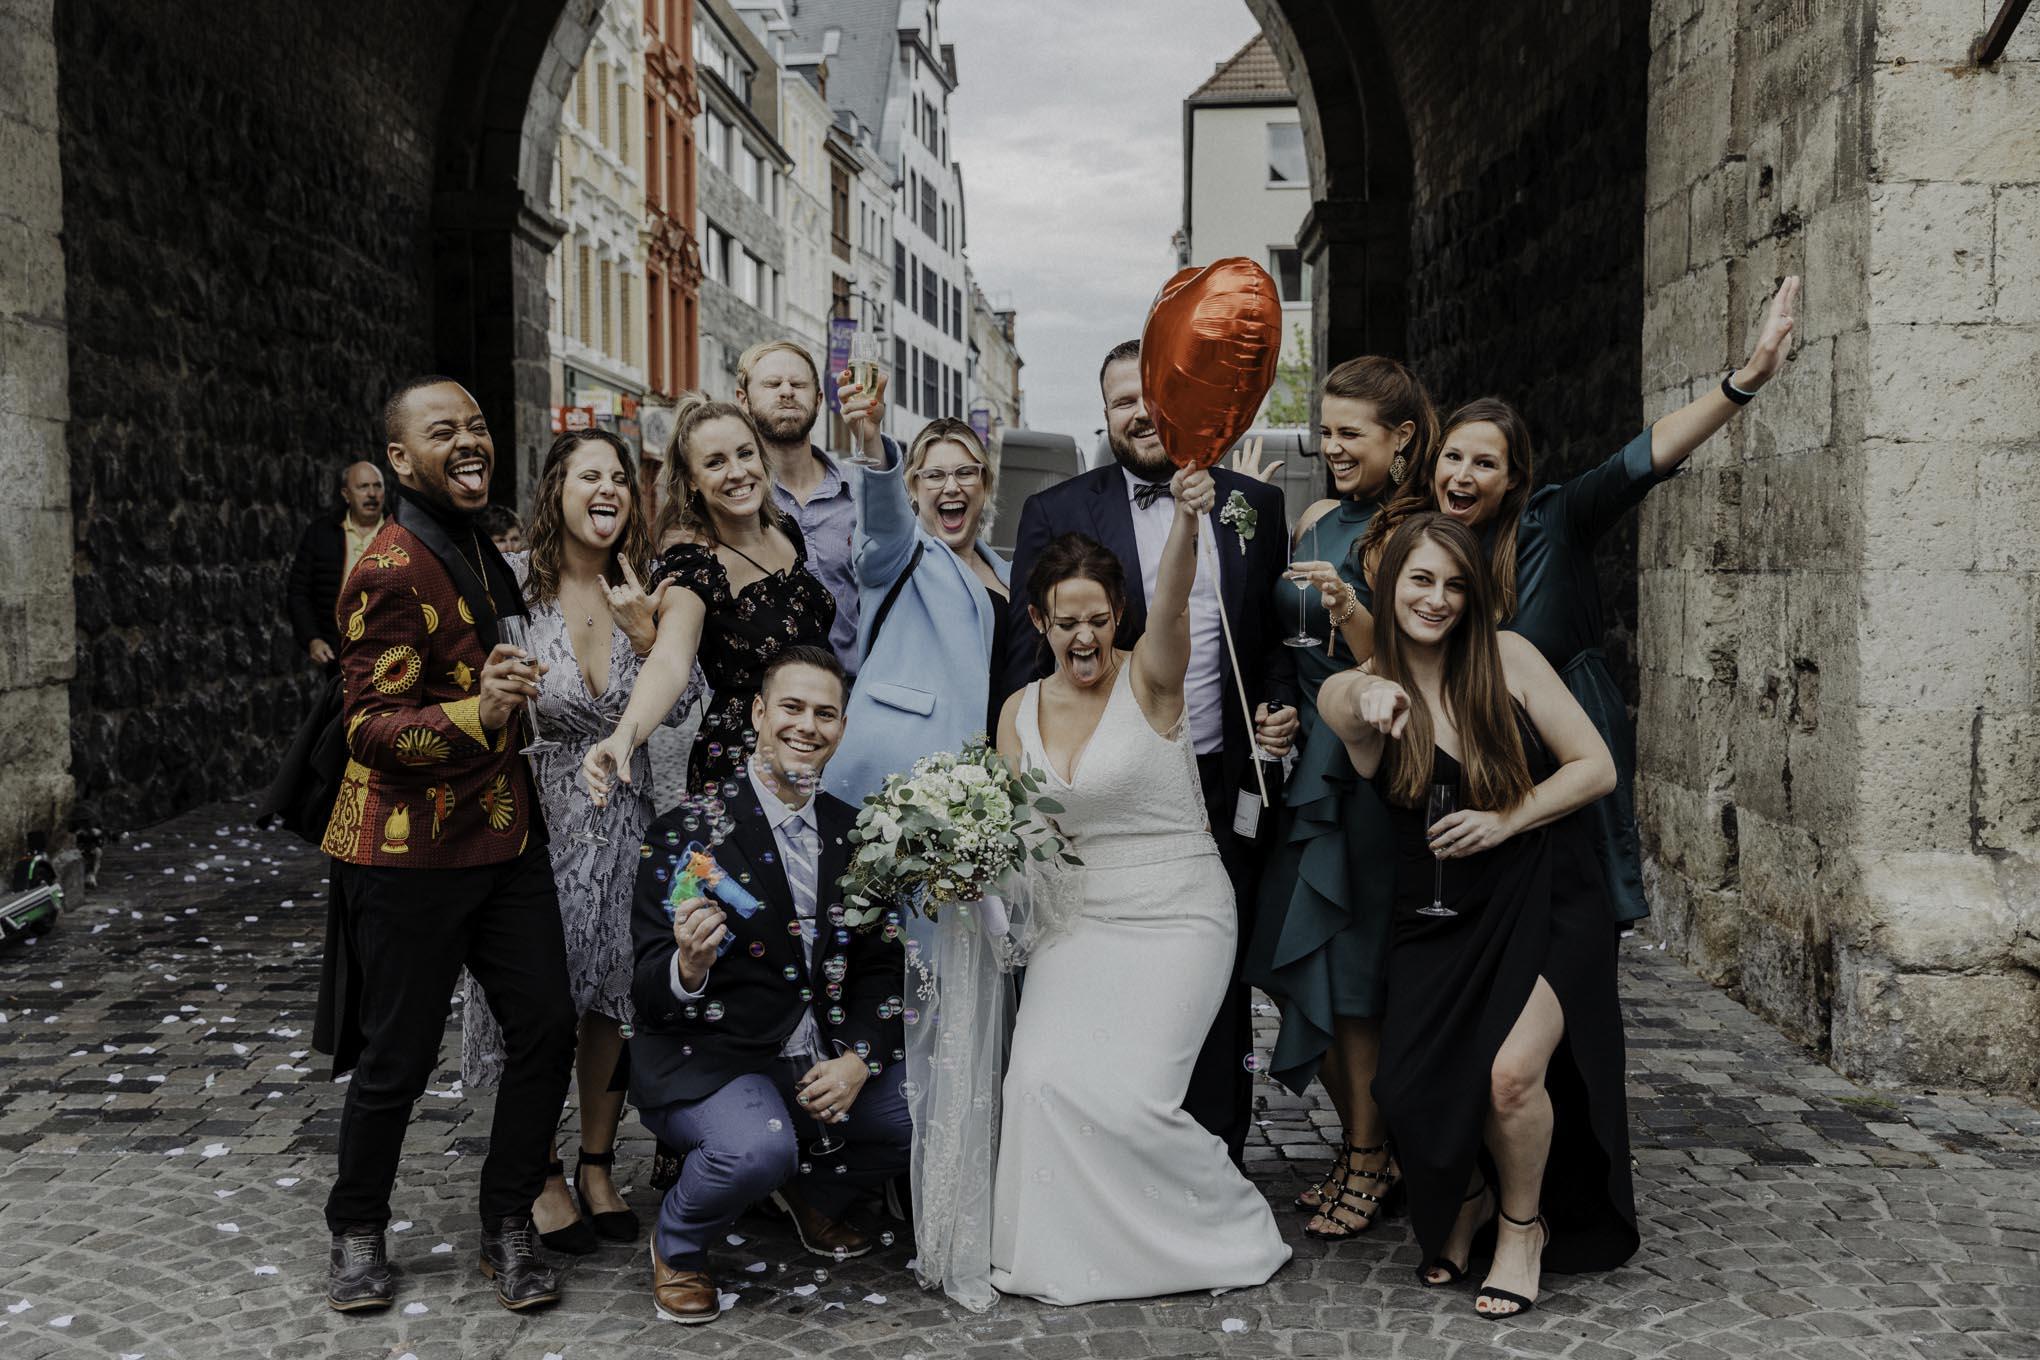 lustiges Gruppenfoto zur Hochzeit